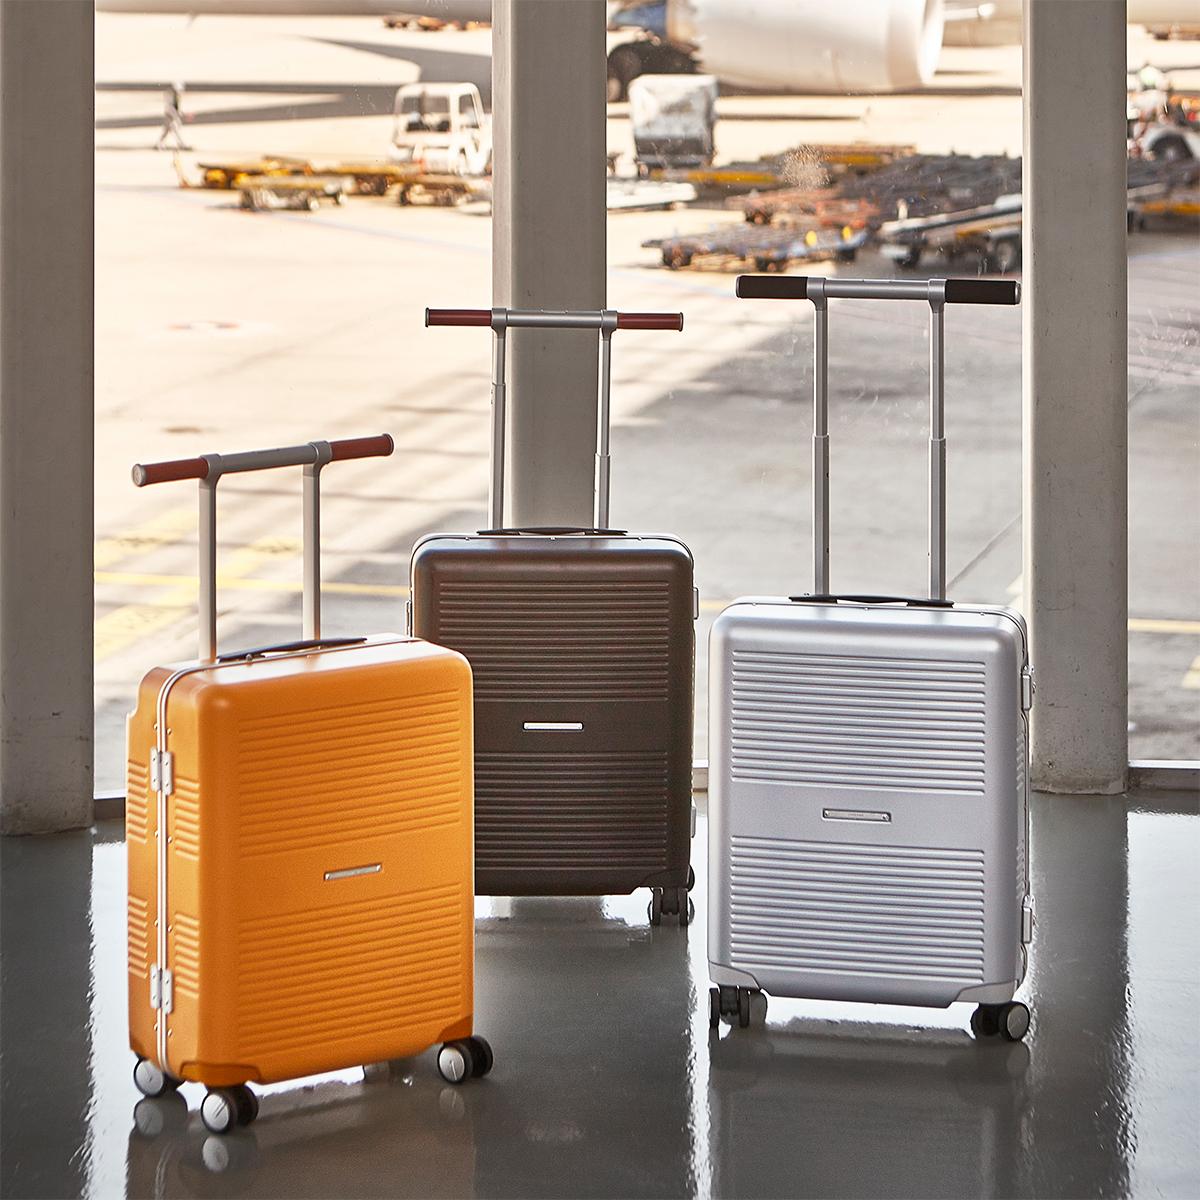 「本質を考え続ける」というデザイン哲学。手を添えるだけで滑らかに走行、気の利く設計であなたの旅路に寄り添うスーツケース(37L・1〜2泊・機内持ち込みサイズ)|RAWROW